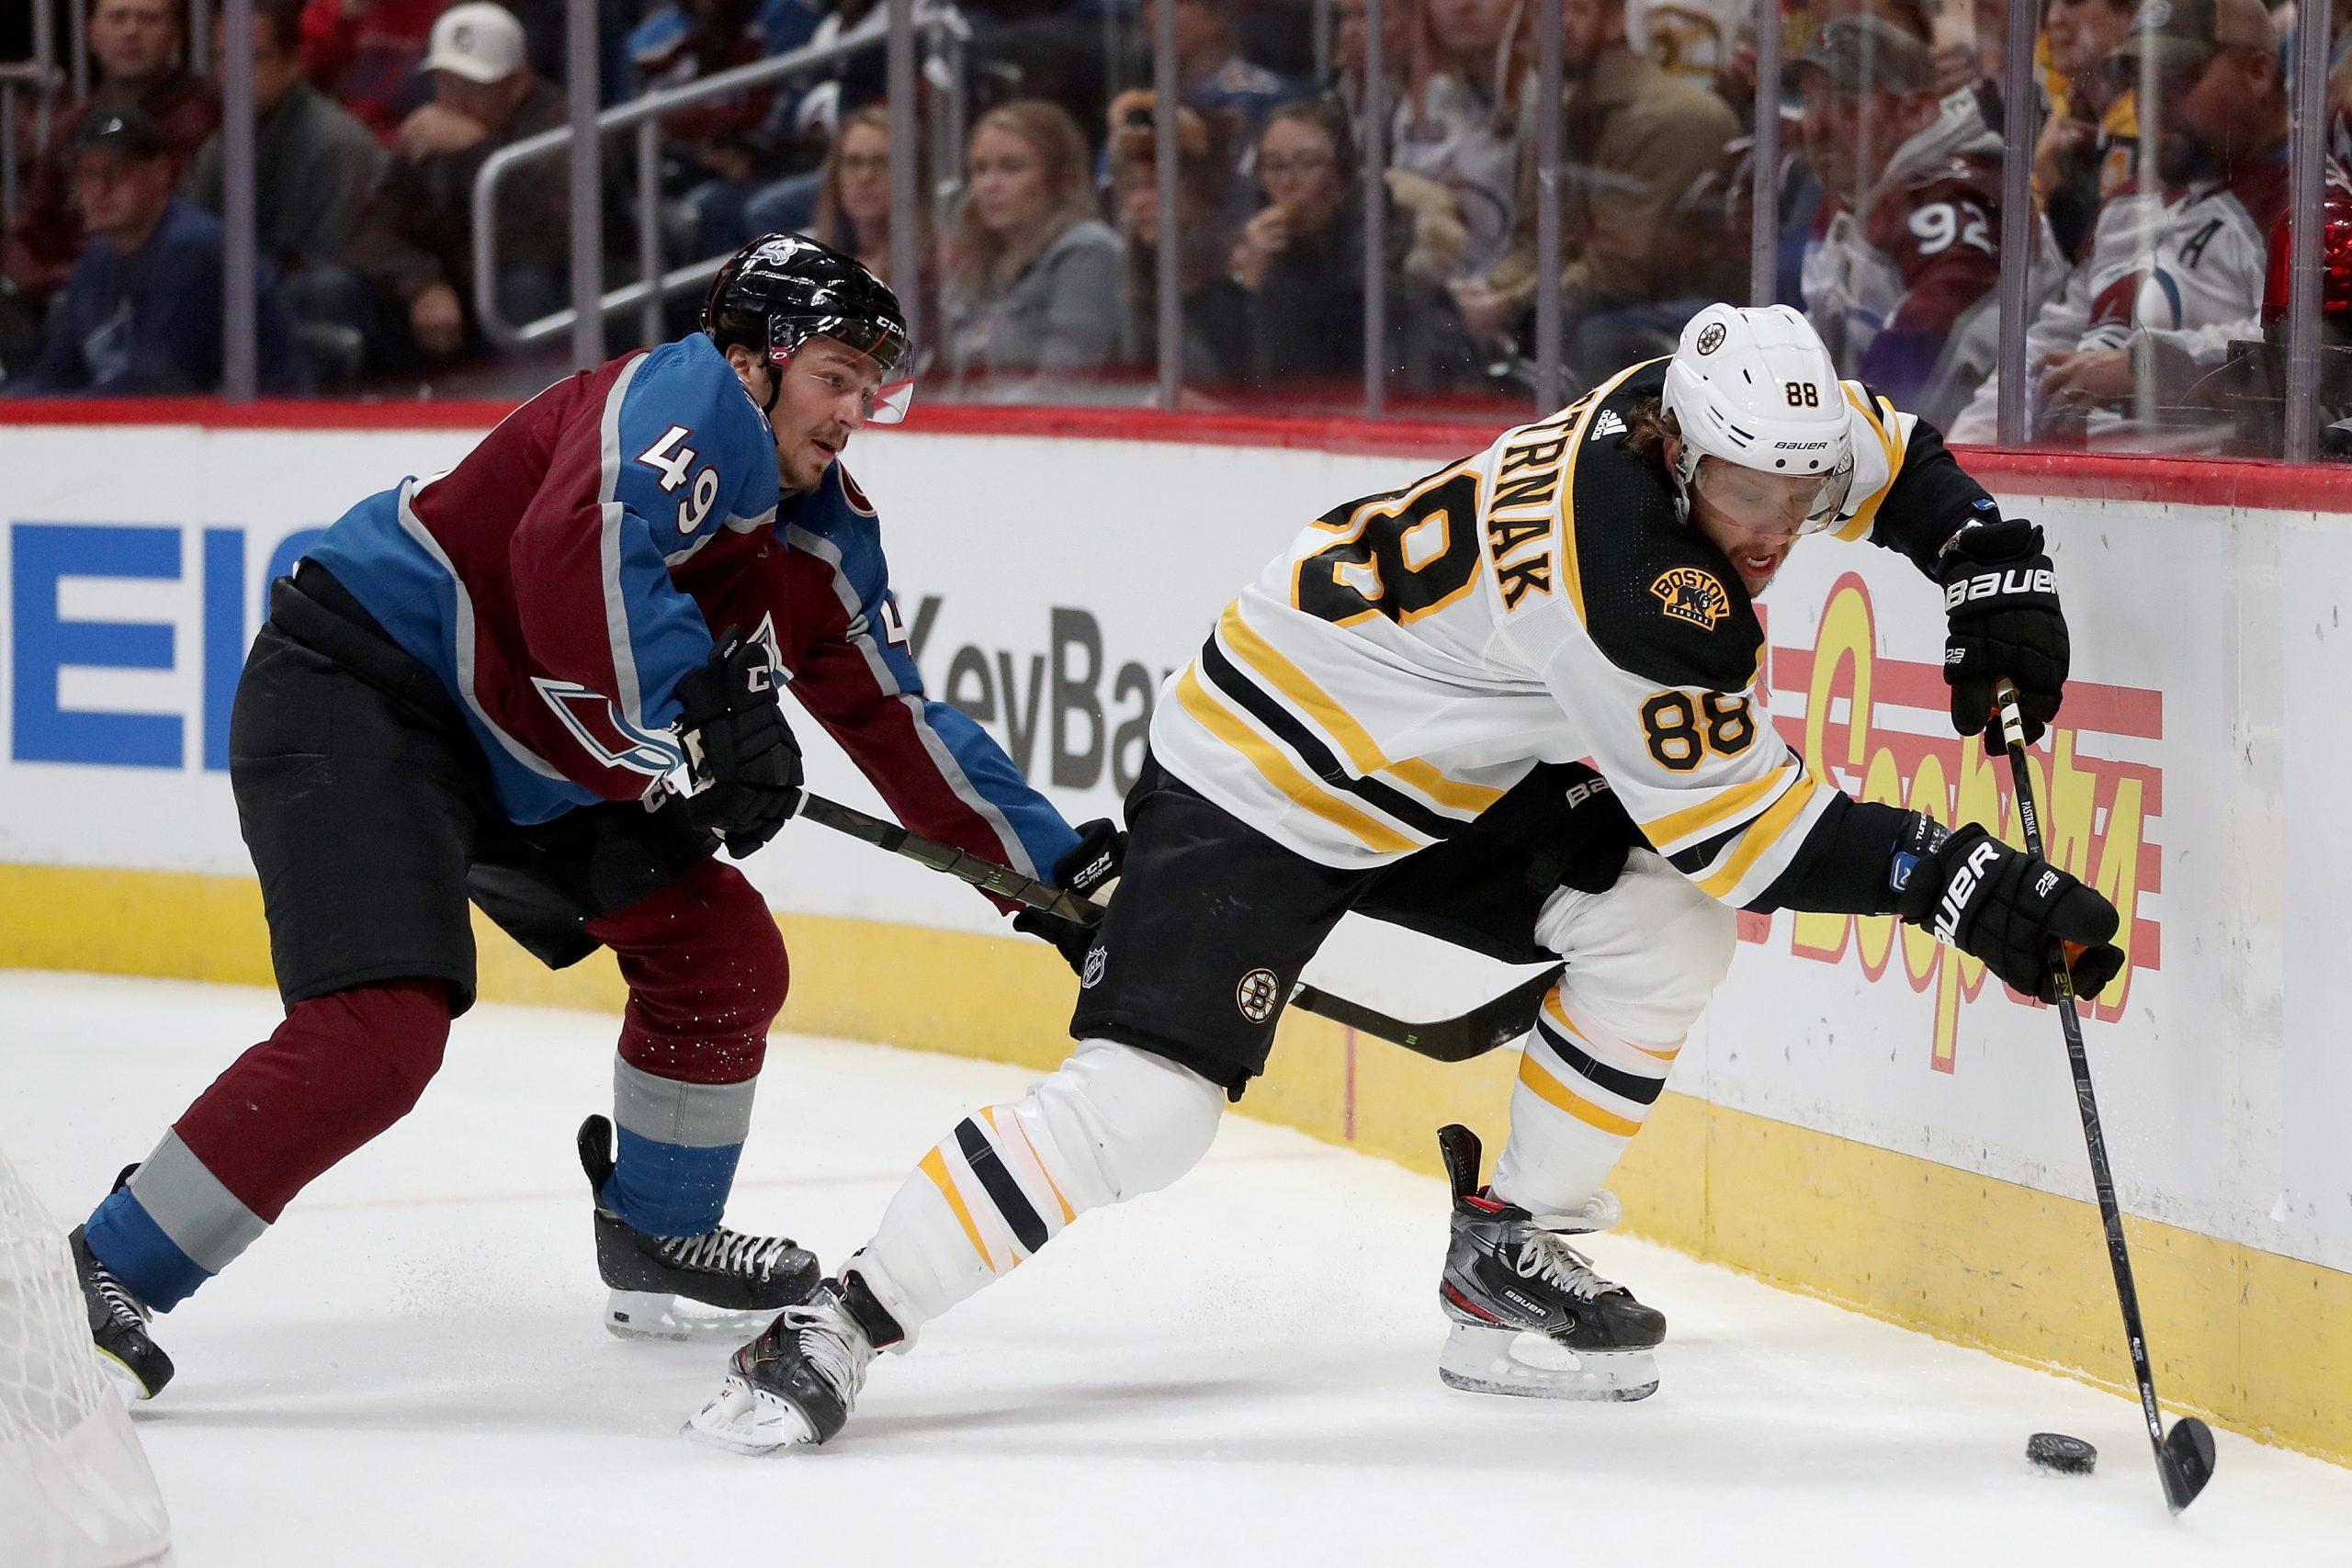 Cómo ver los juegos de la NHL: Transmisión en vivo de la NHL